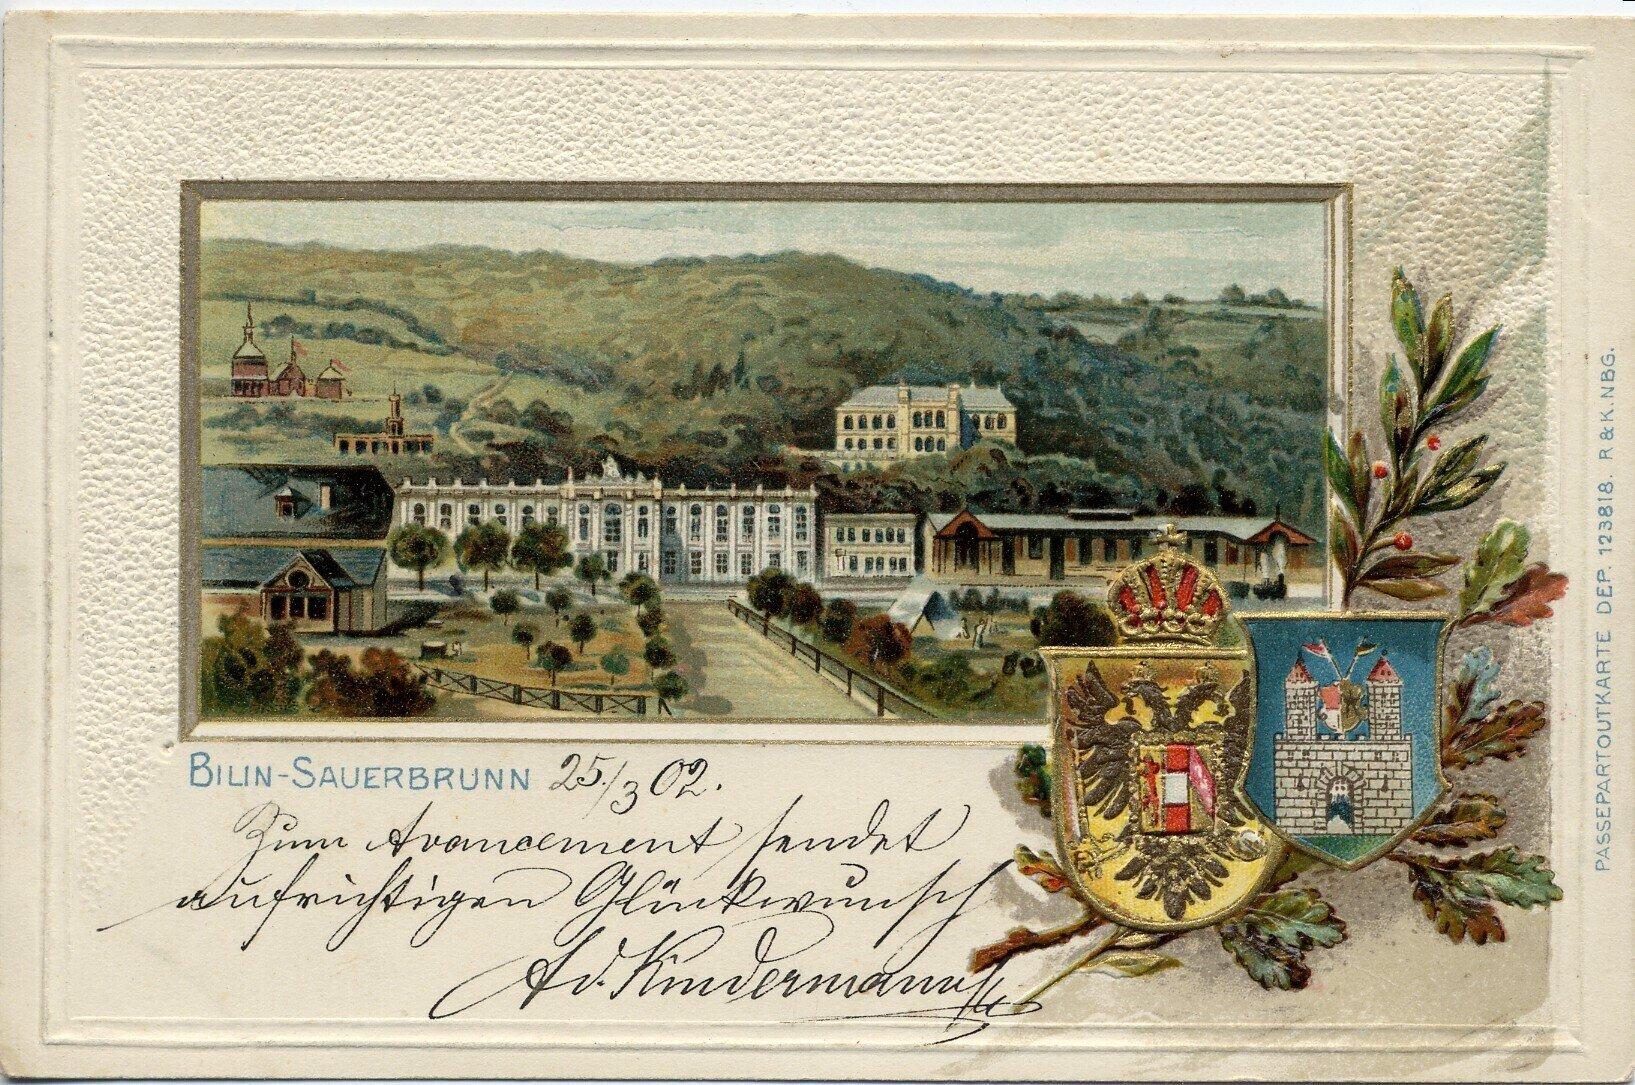 Bilin Sauerbrunn